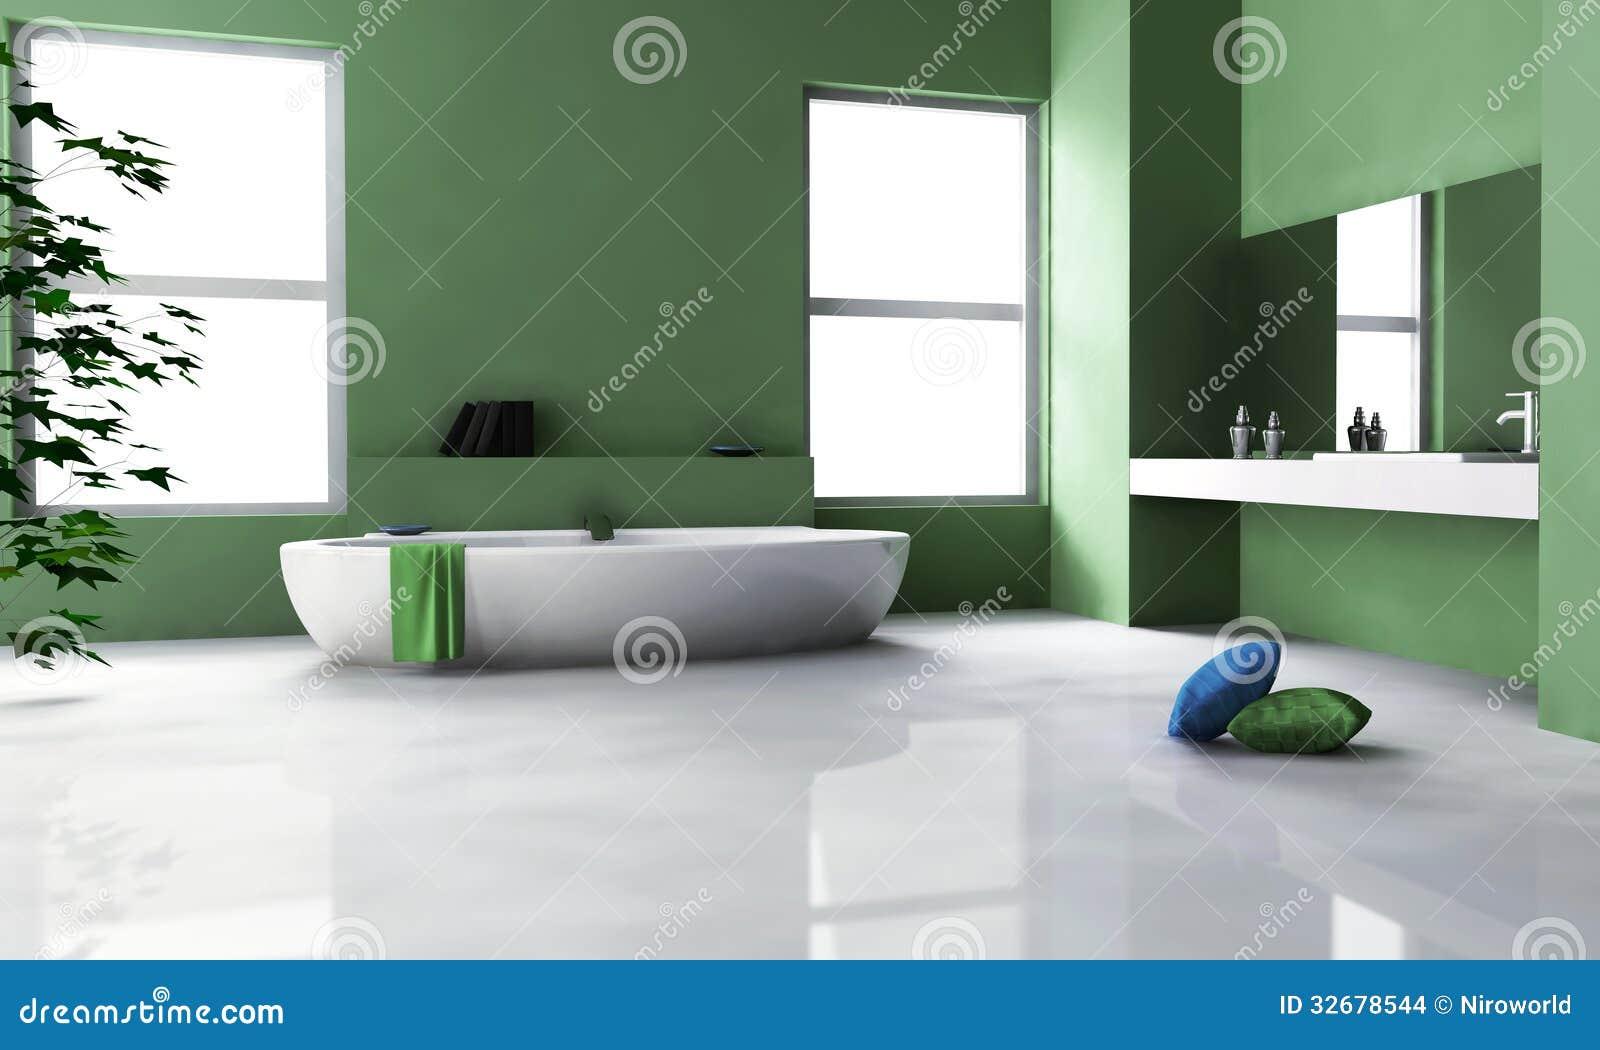 Dise o interior del cuarto de ba o verde imagenes de for Cuartos de bano verdes